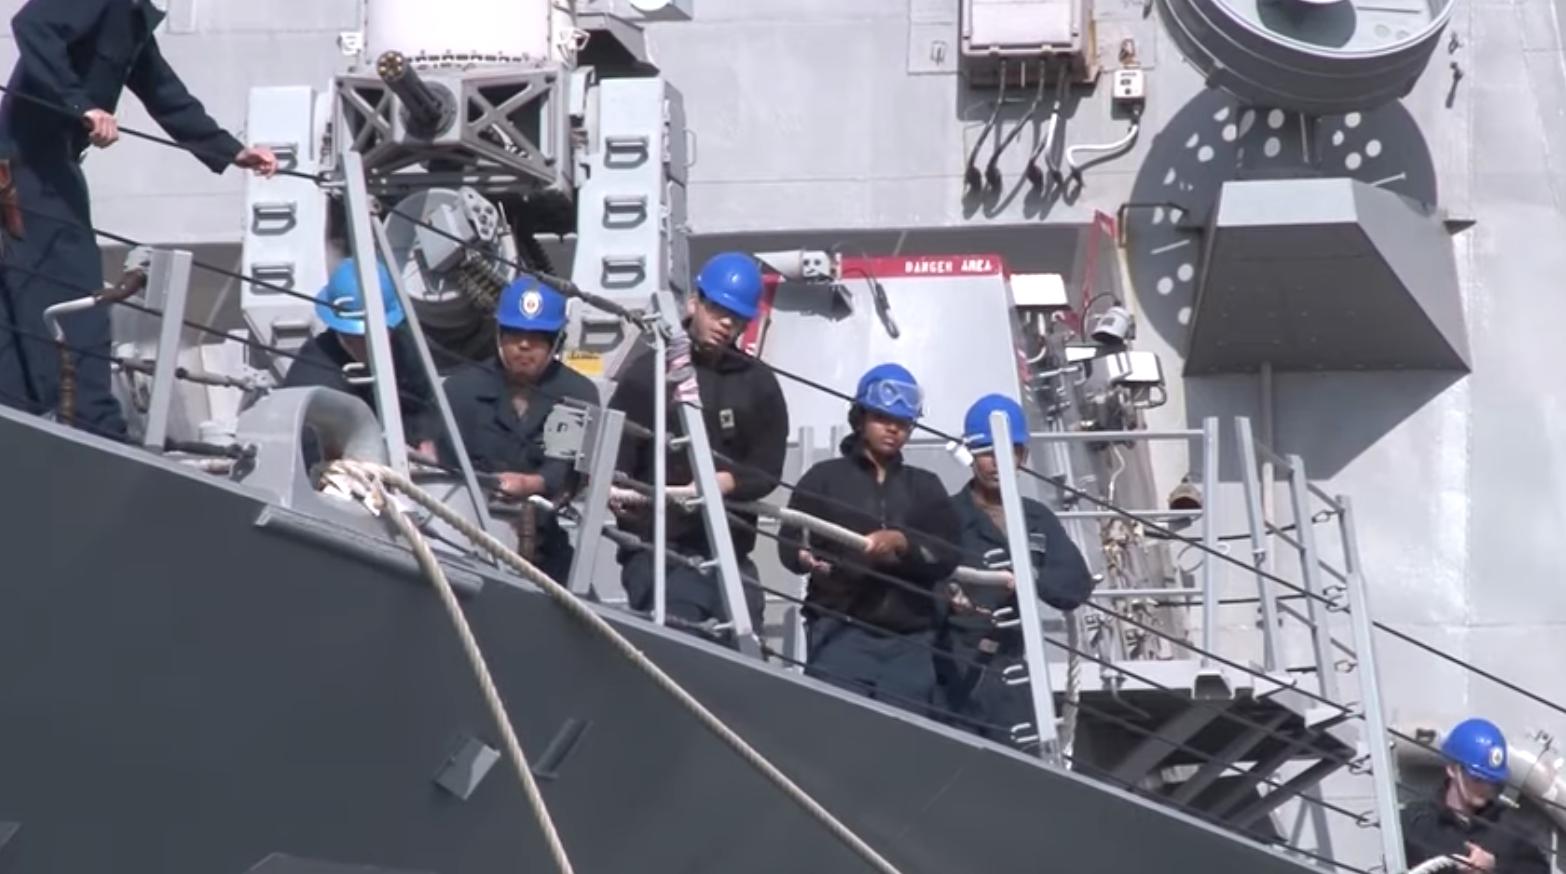 Chỉ huy quân đội Hoa Kỳ tại Ấn Độ – Thái Bình Dương yêu cầu cấp thêm 27 tỷ để đối phó Trung Cộng